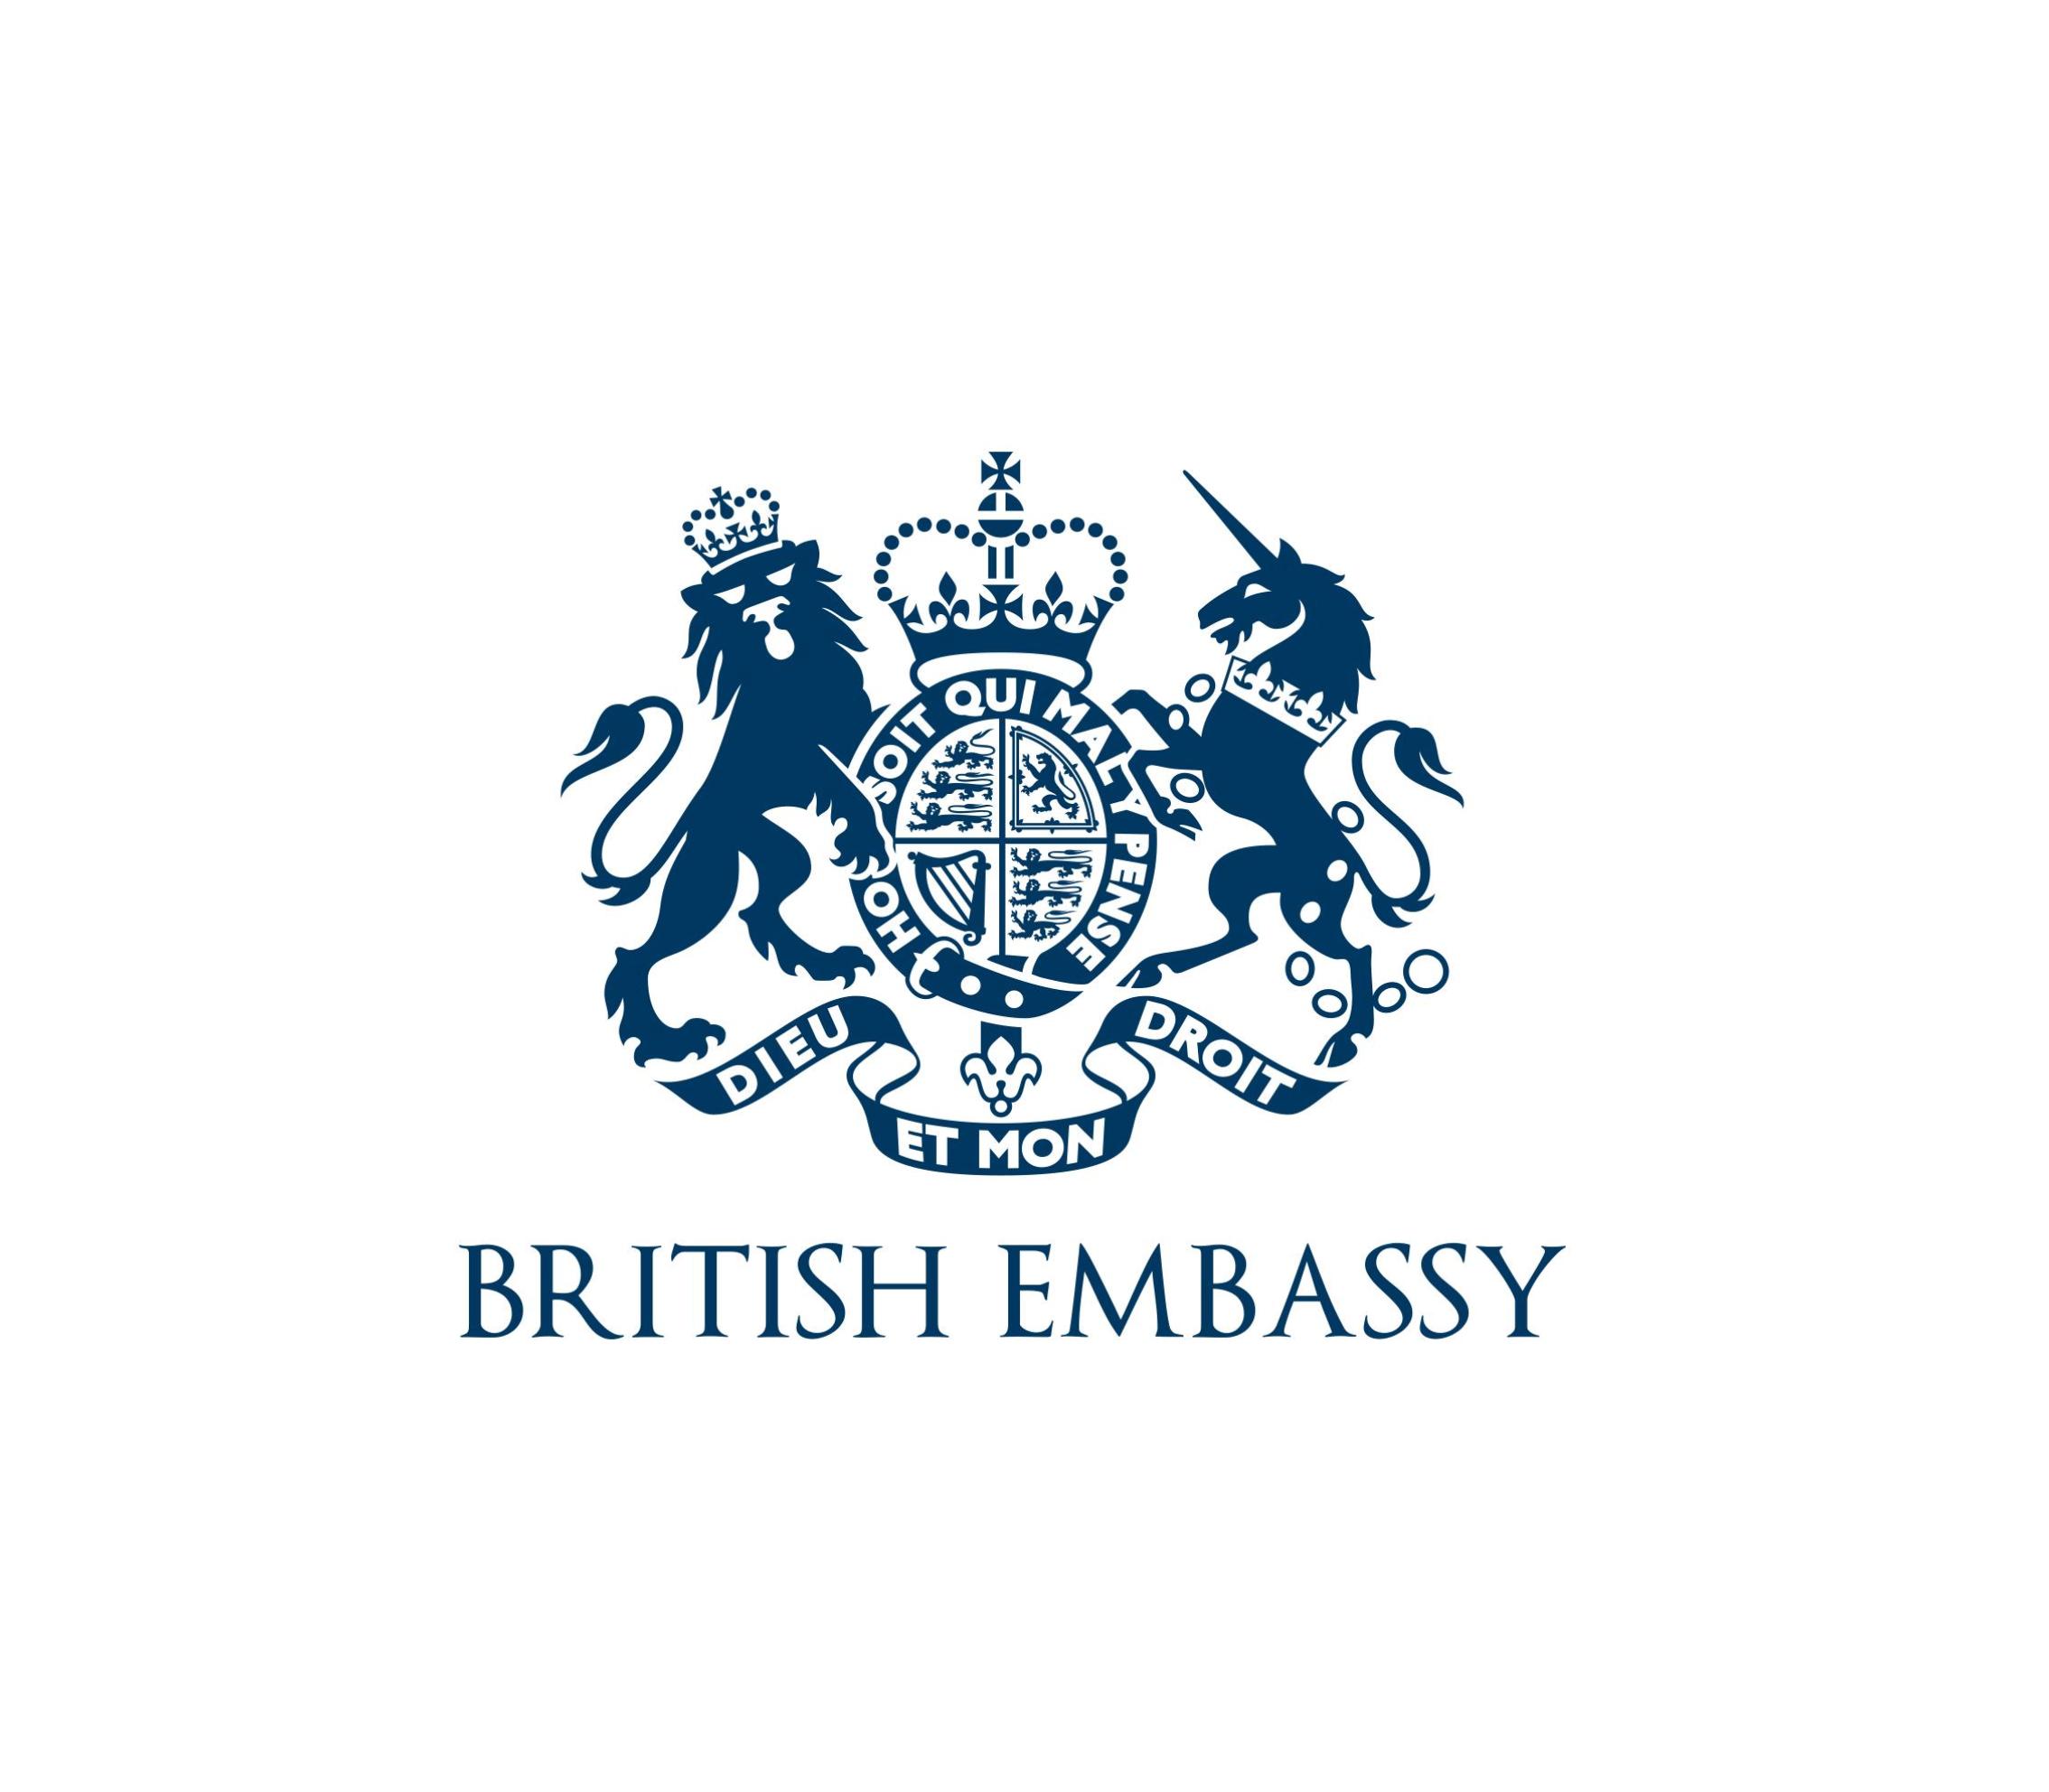 British-Embassy-Jungle-Straws-Bamb00-Straws-Wholesale.png